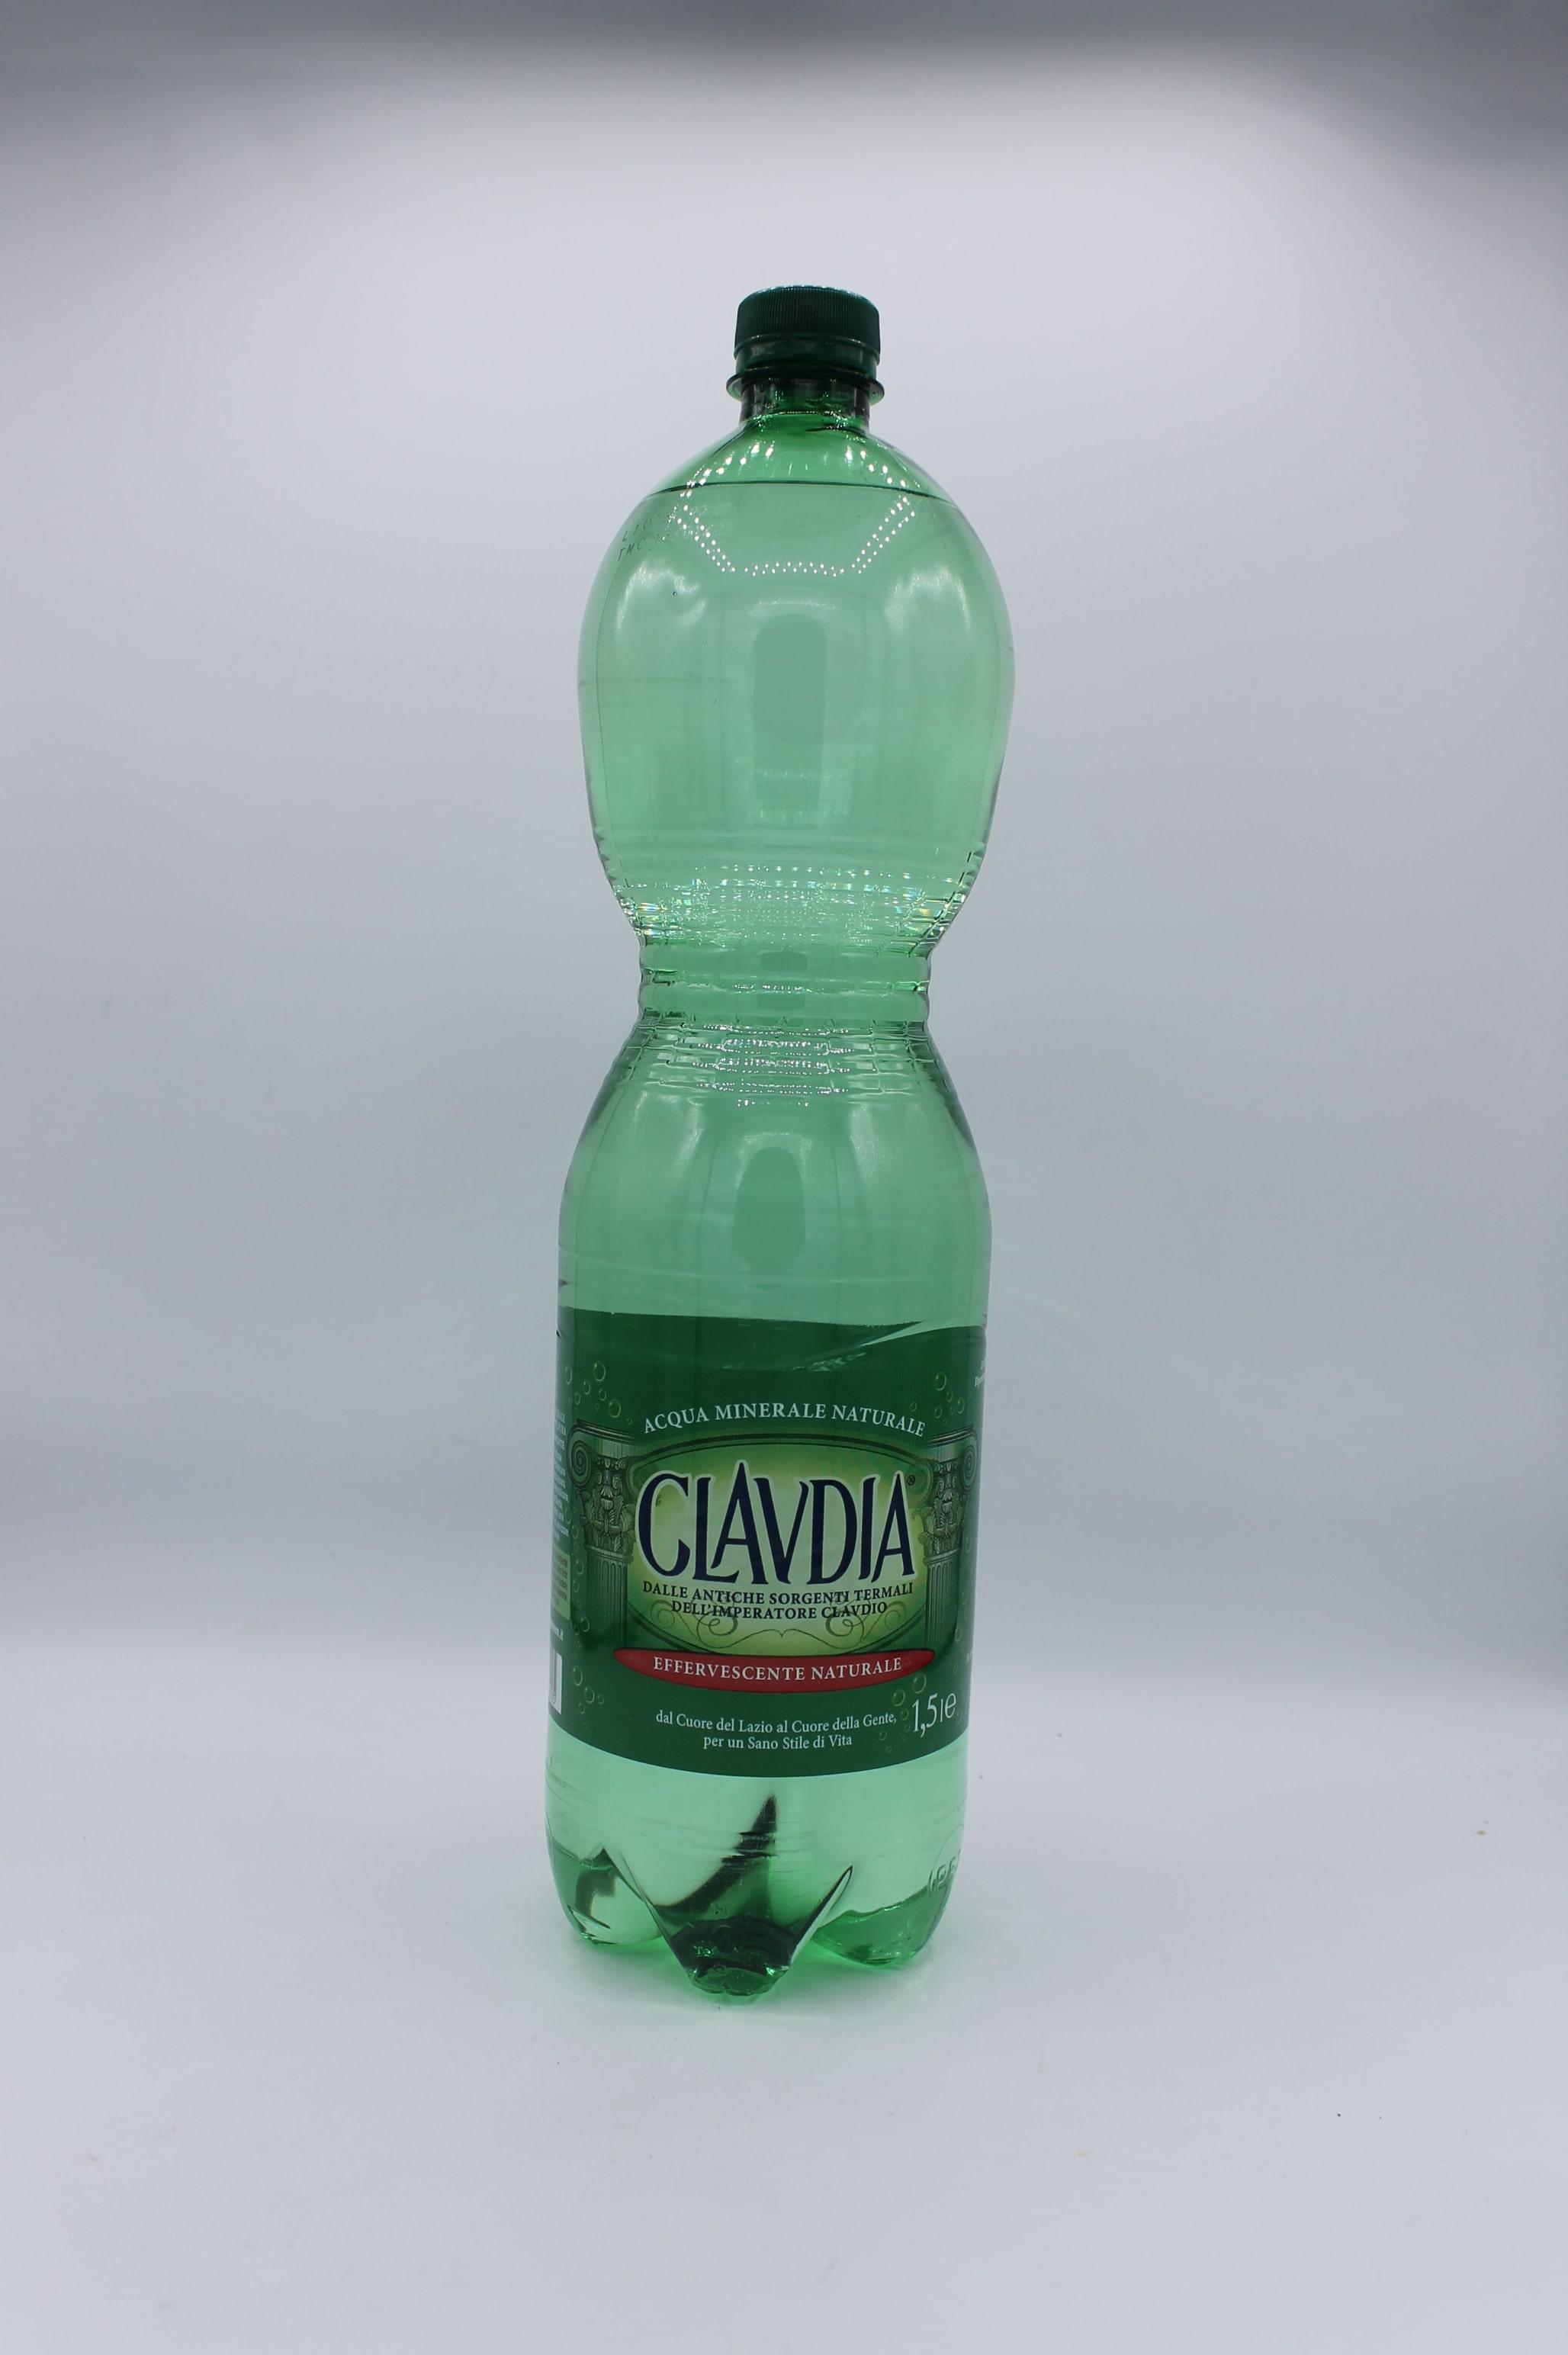 Acqua minerale Claudia 1,5lt.